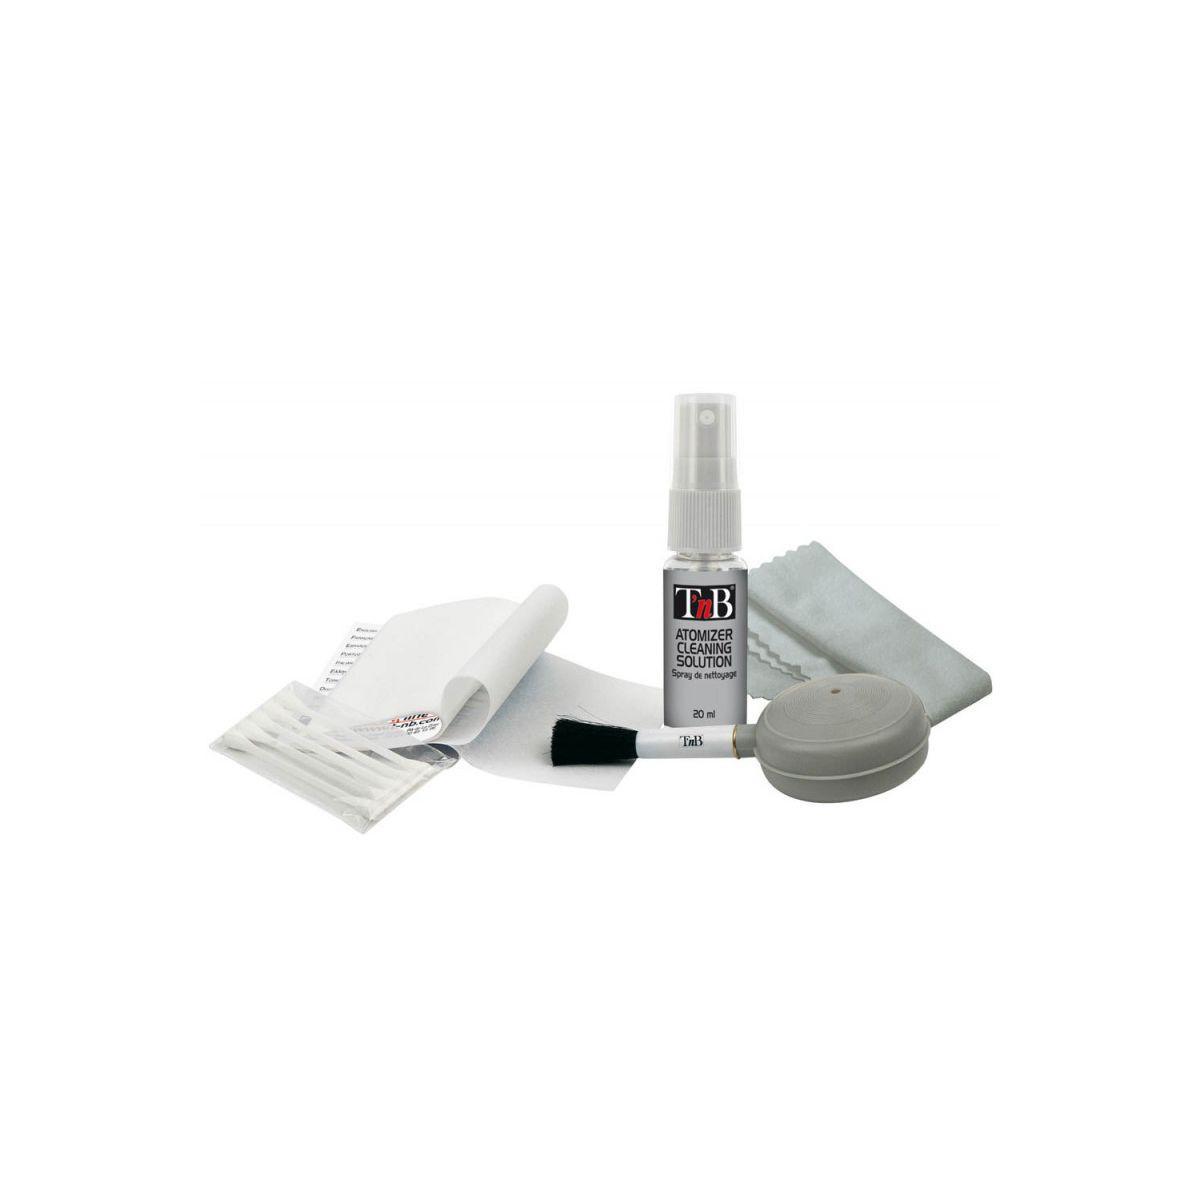 Nettoyage optique tnb de nettoyage 5 en 1 pour apn